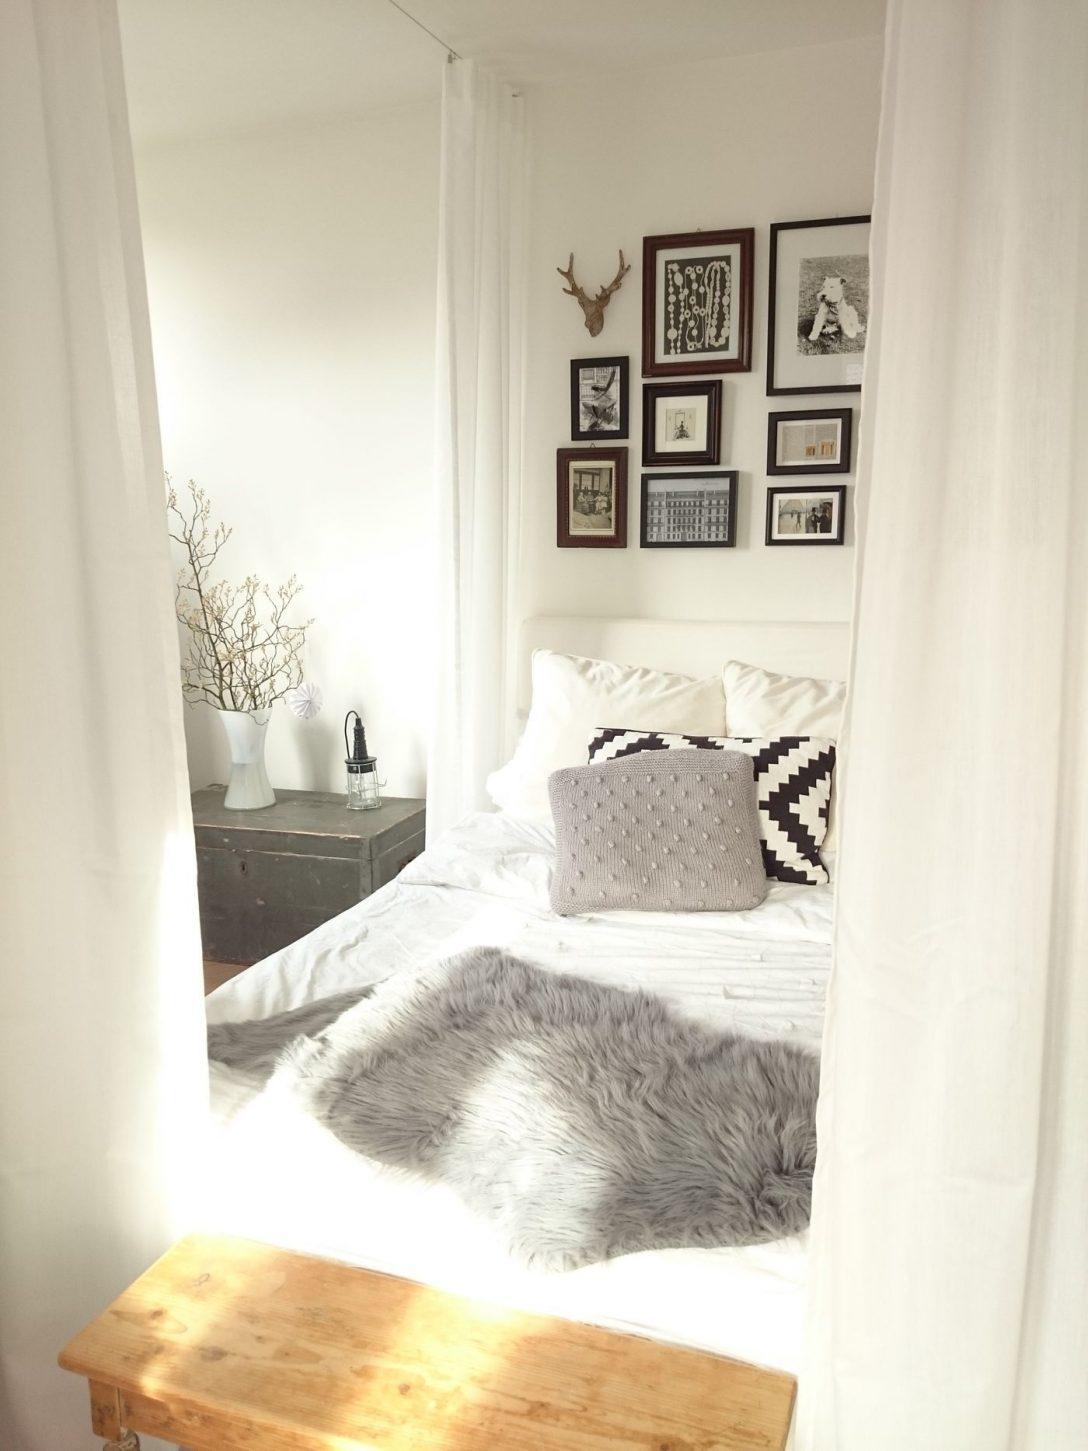 Full Size of Romantisches Bett Platzsparend Kleine Schlafzimmer Einrichten Gestalten Wand Ottoversand Betten Bette Floor 140x200 Weiß Rückwand 200x180 Holz Poco Coole Bett Romantisches Bett